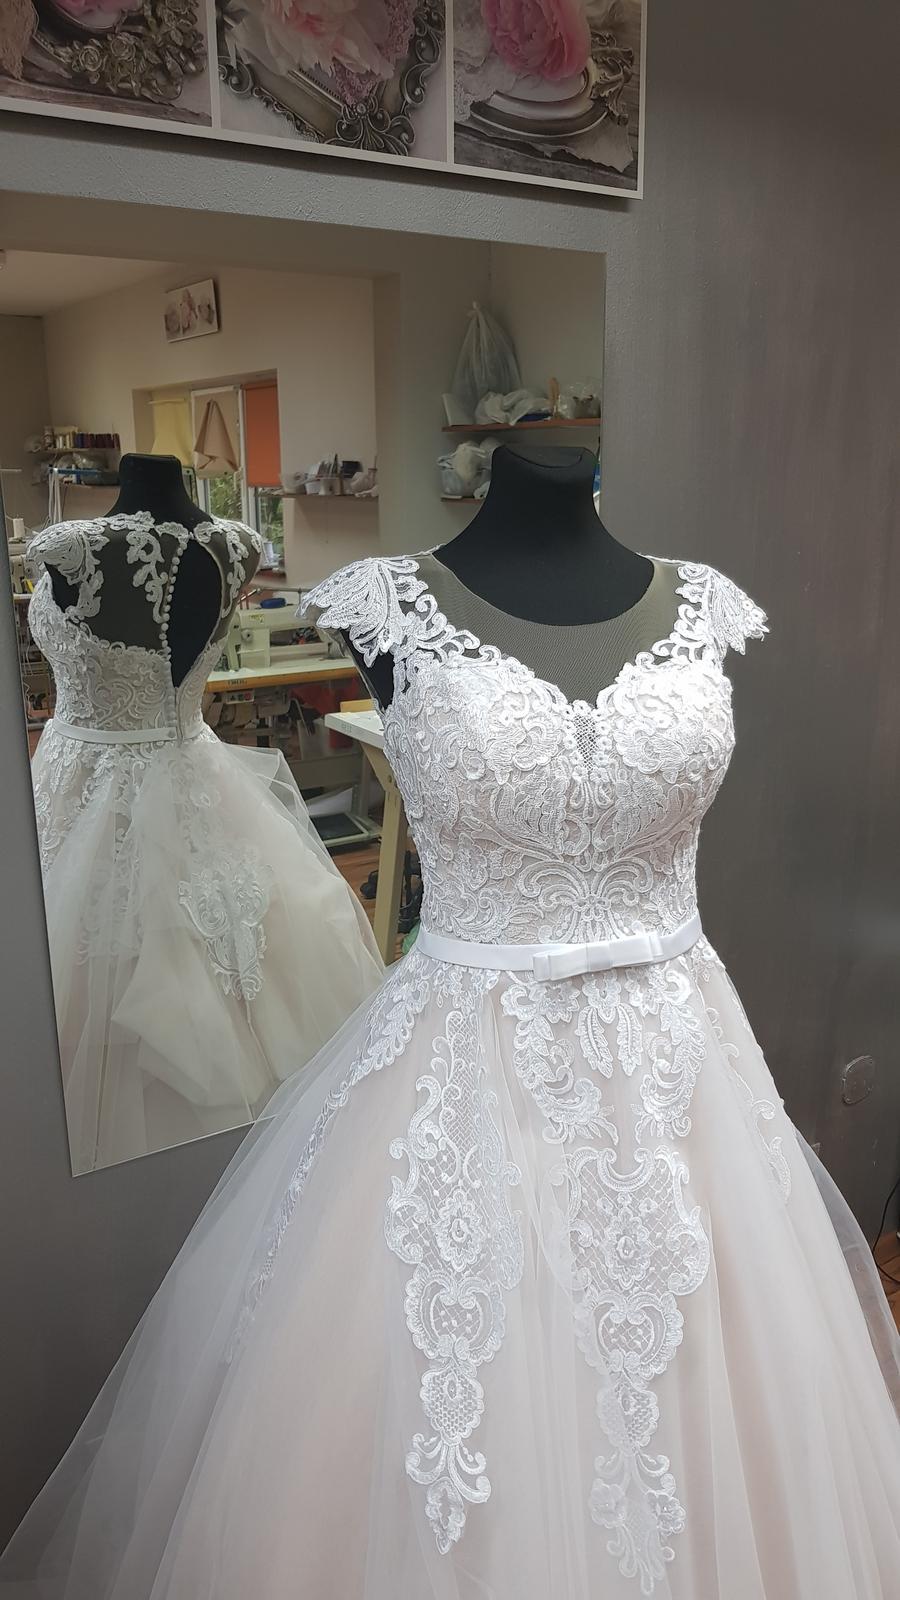 Vynimocne svadobne saty - Obrázok č. 1